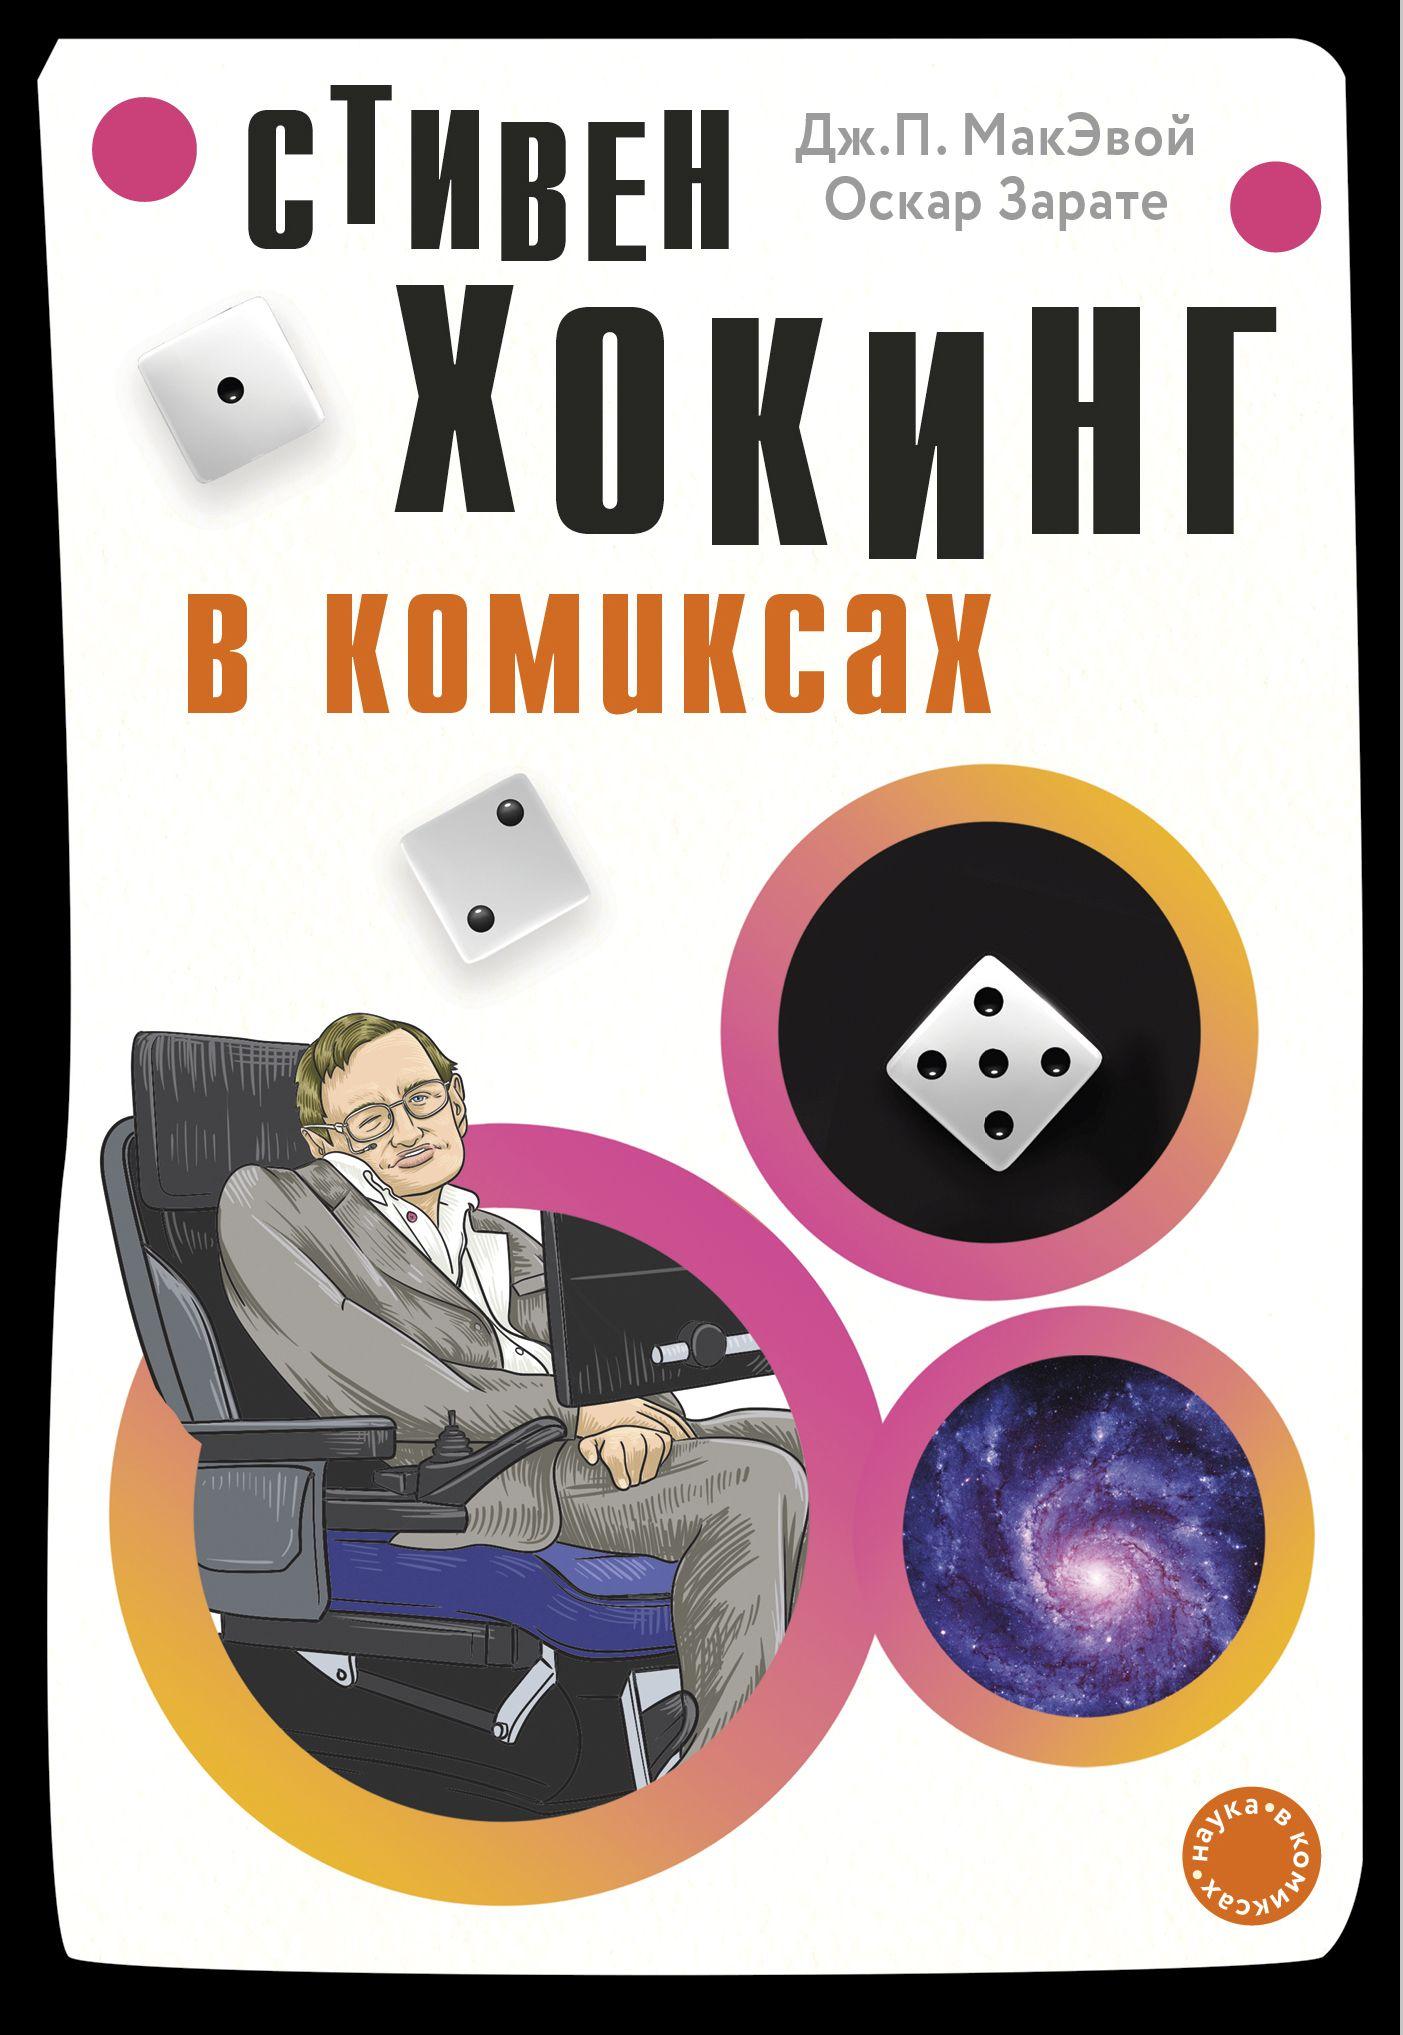 Дж. МакЭвой Хокинг в комиксах